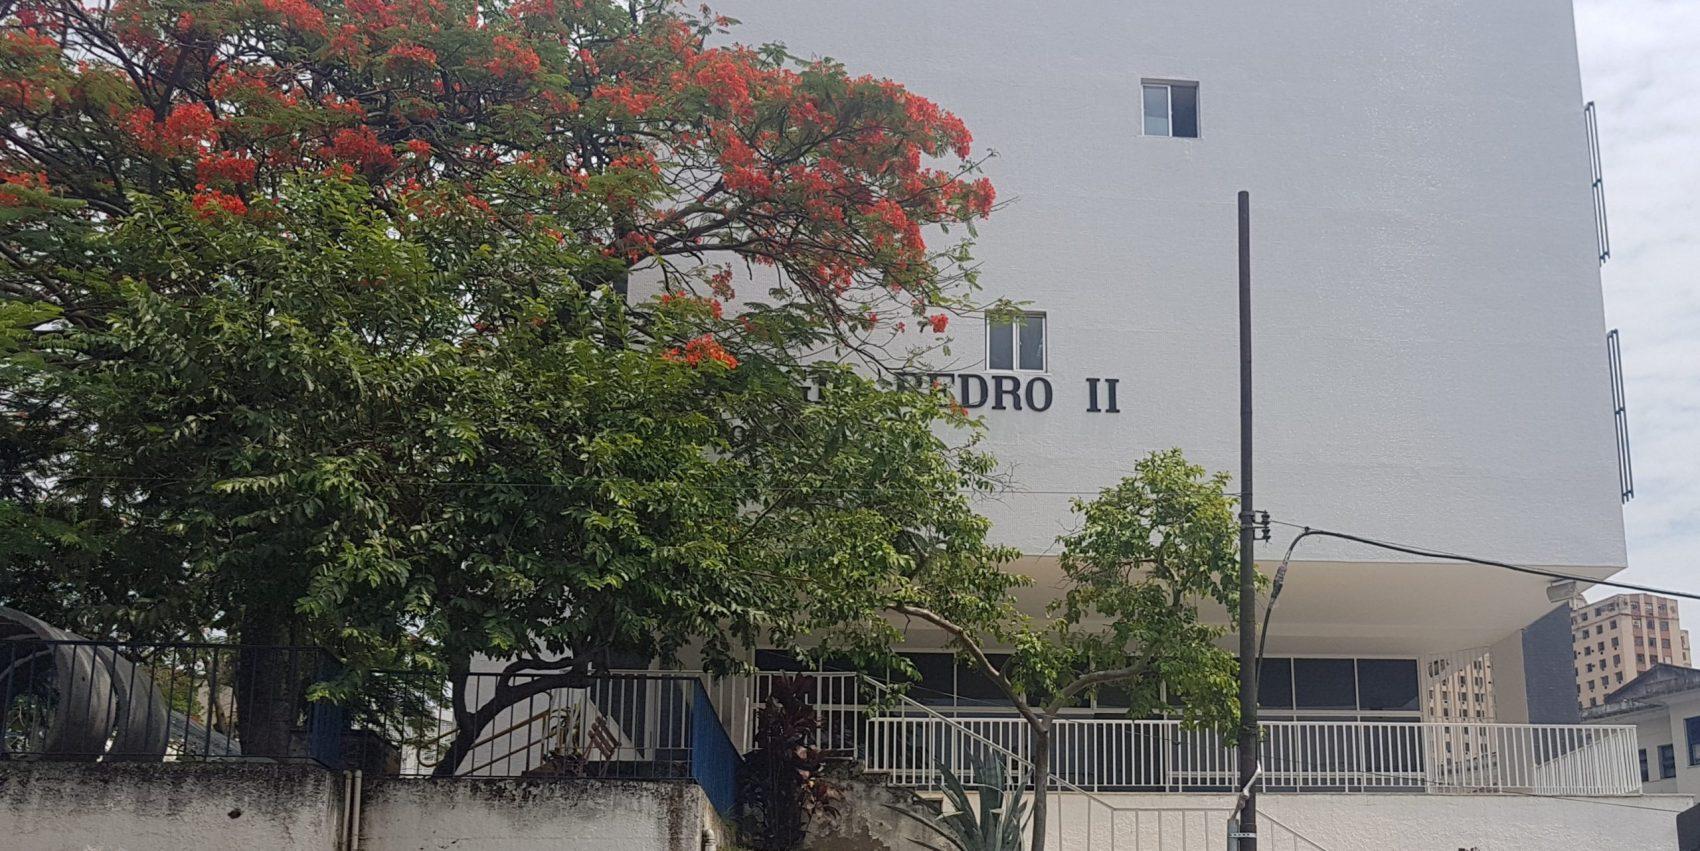 O campus São Cristóvão do Colégio Pedro II: antigo internato (Foto: Oscar Valporto)